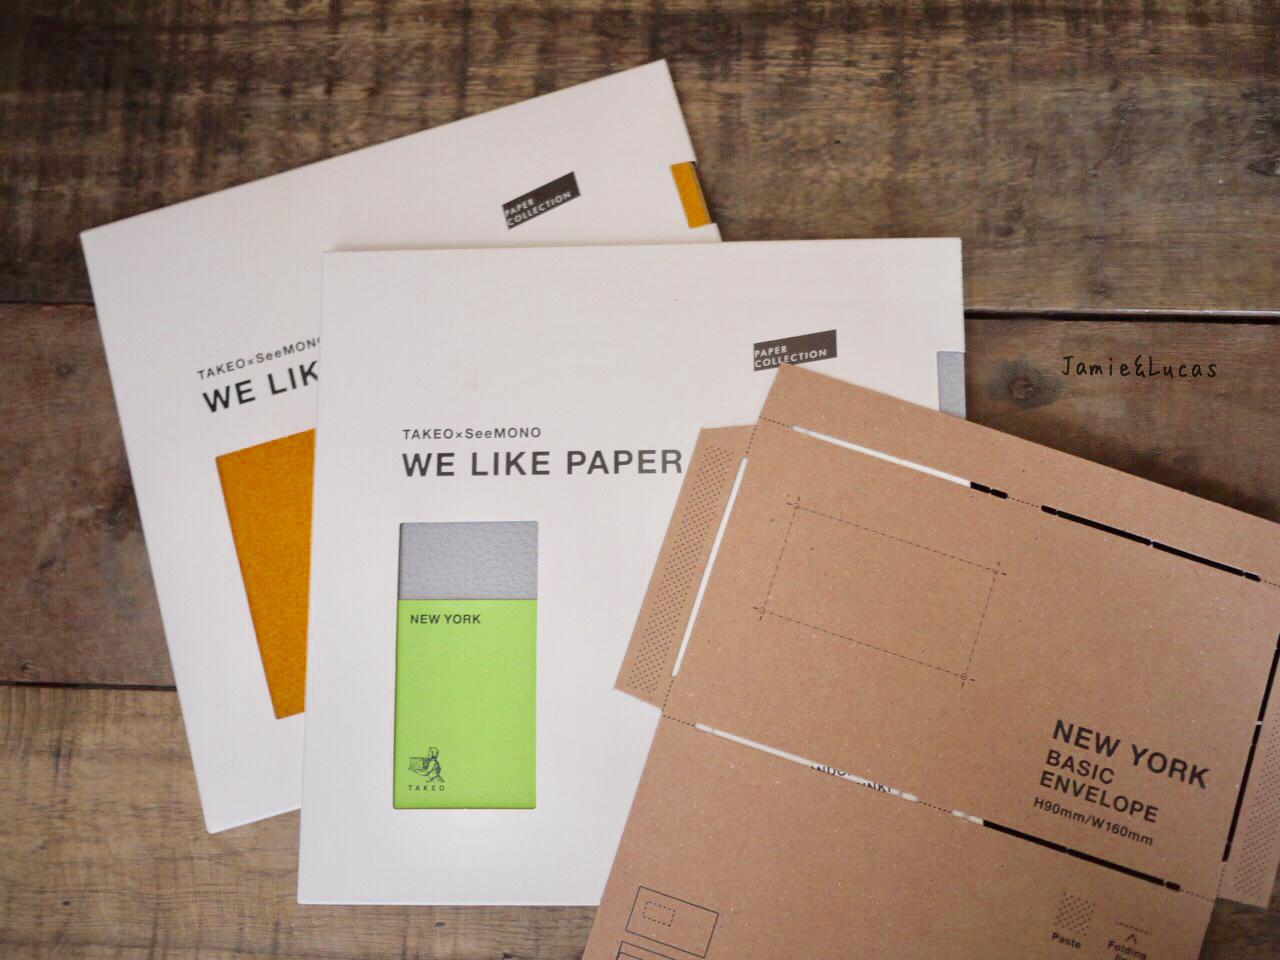 テンプレートを使った封筒の作り方|ジェイミー・ルーカス